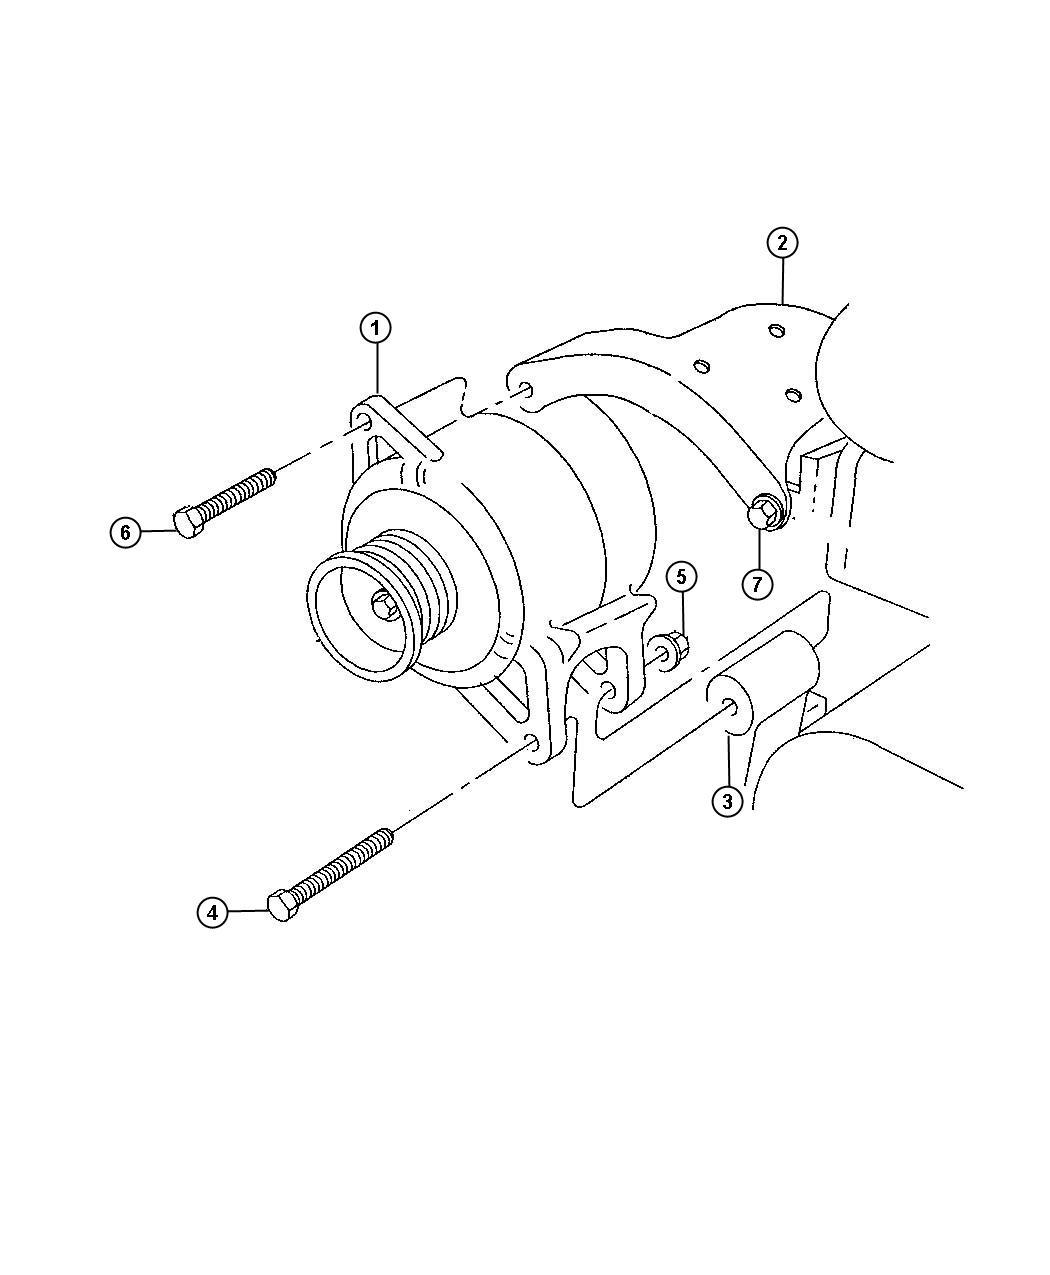 1996 dodge generator  engine   120 amp alternator    alternator - 136 amp